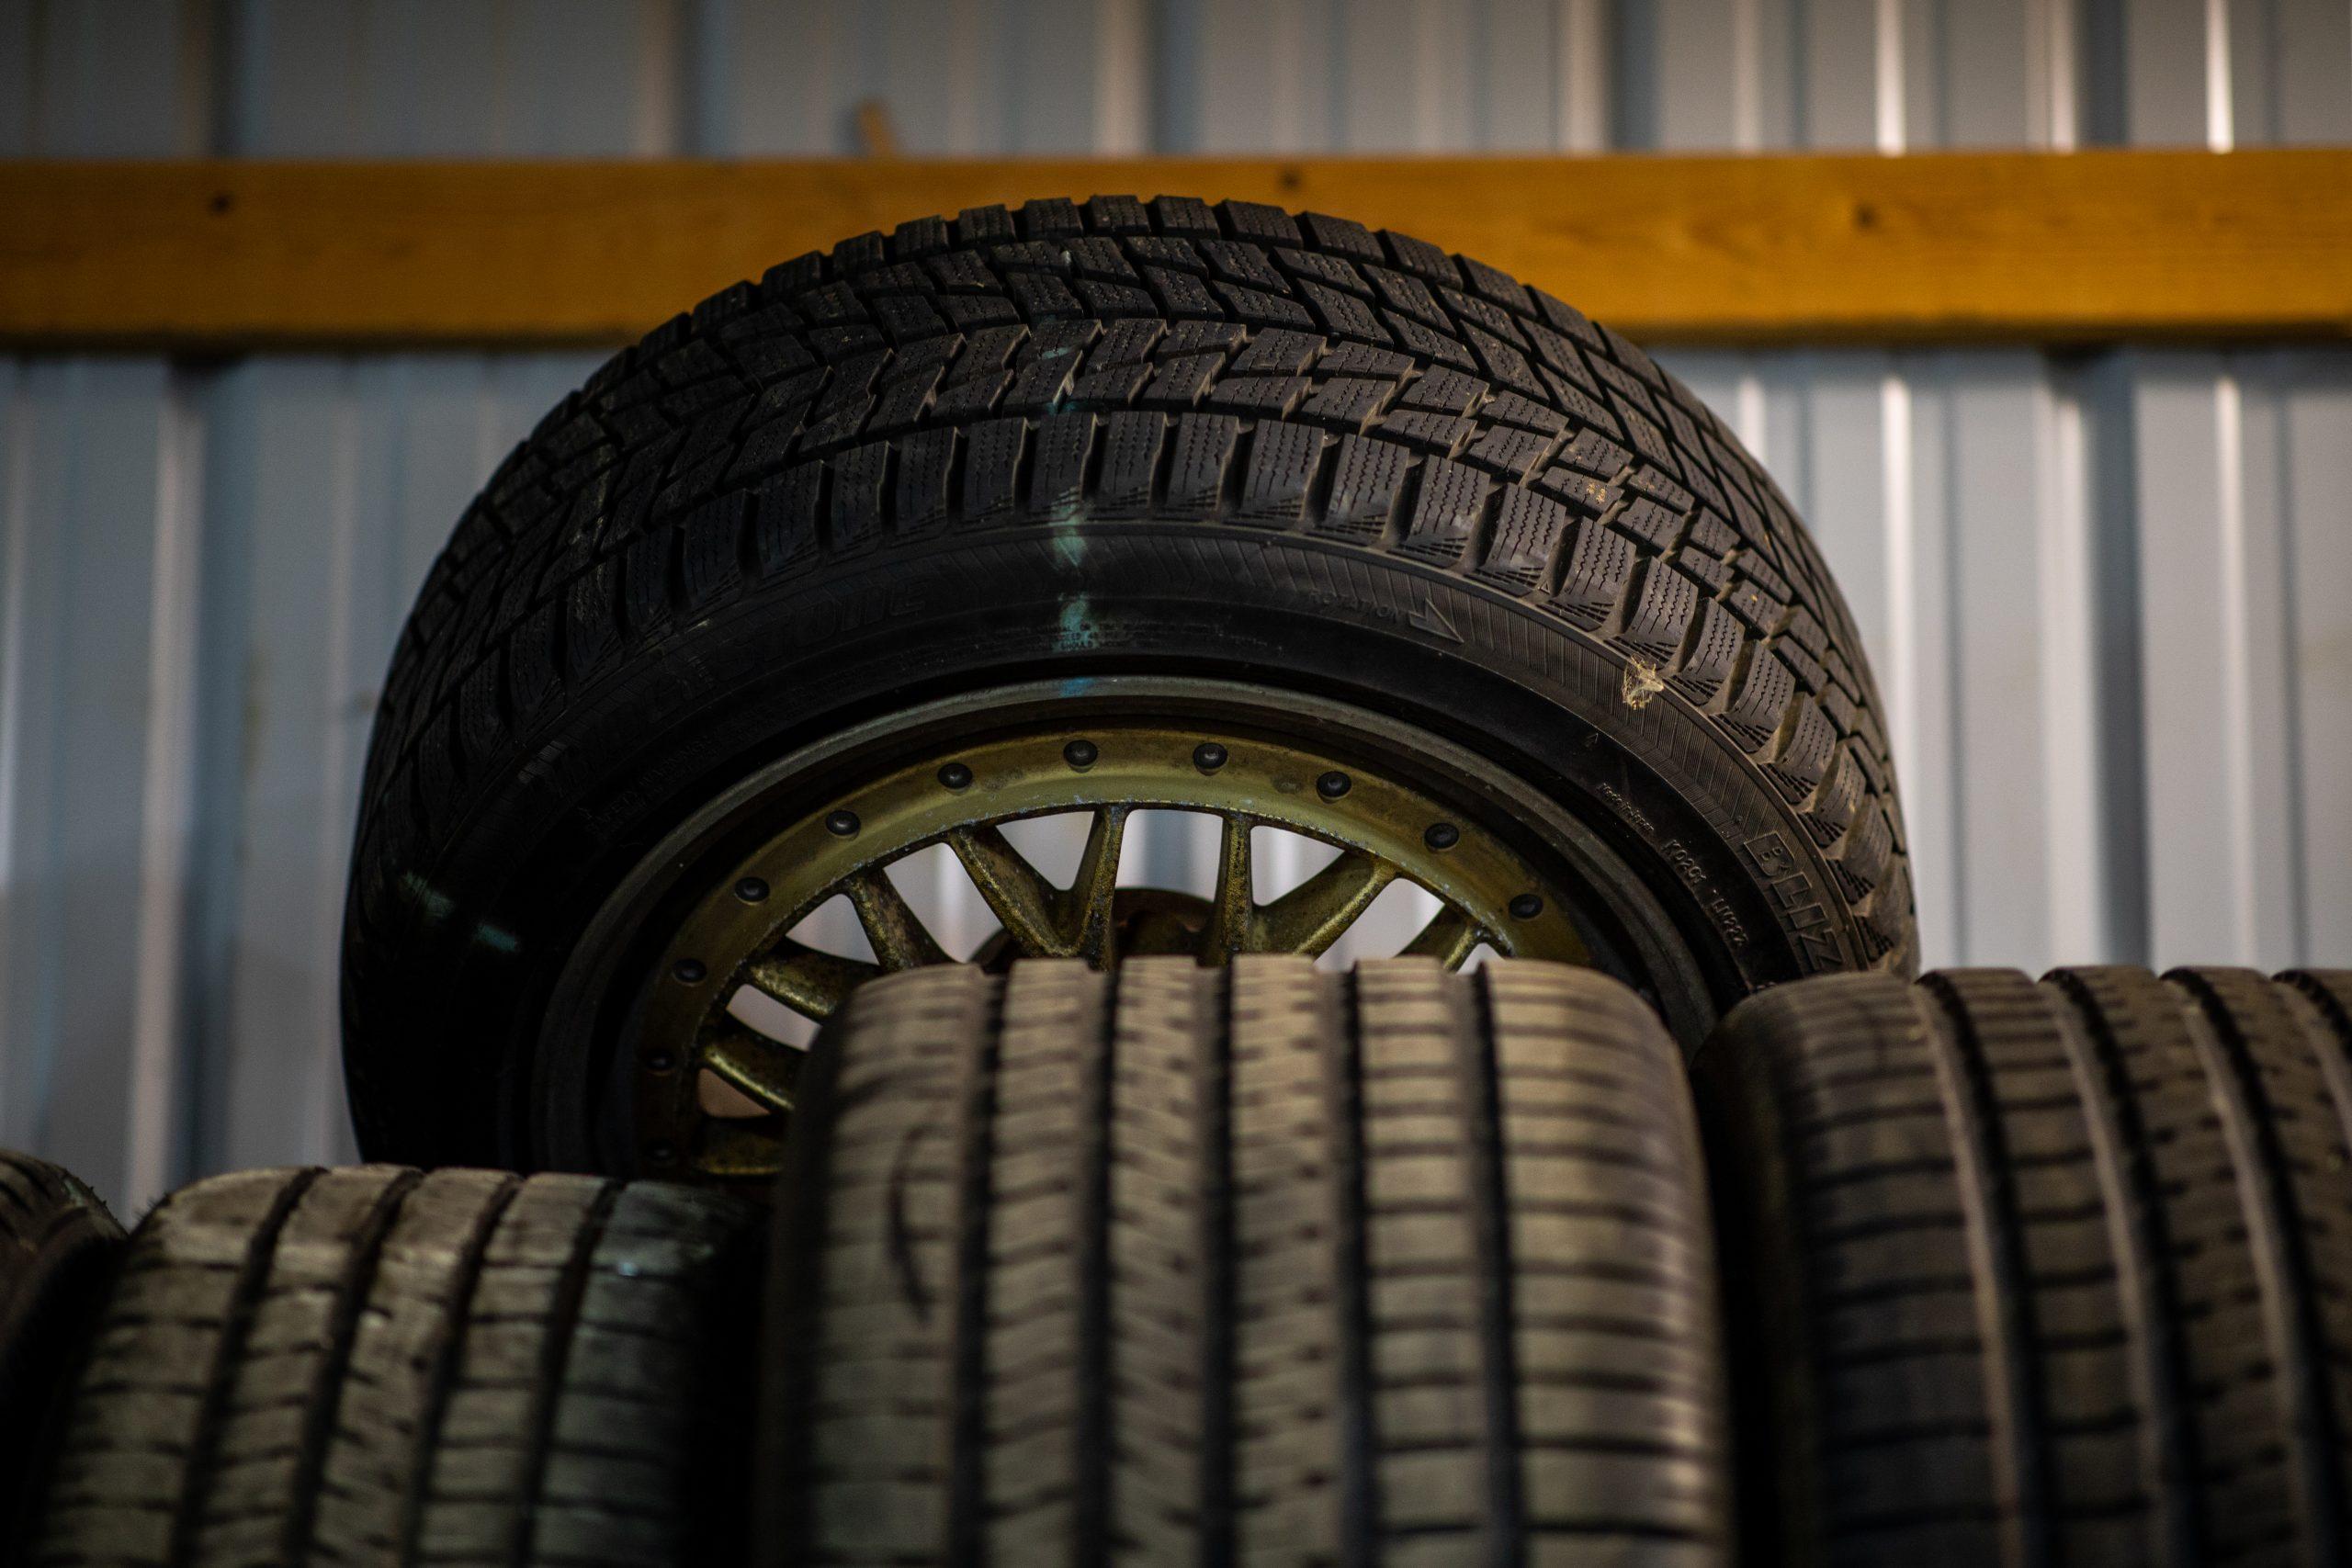 GT Resto Shop tires